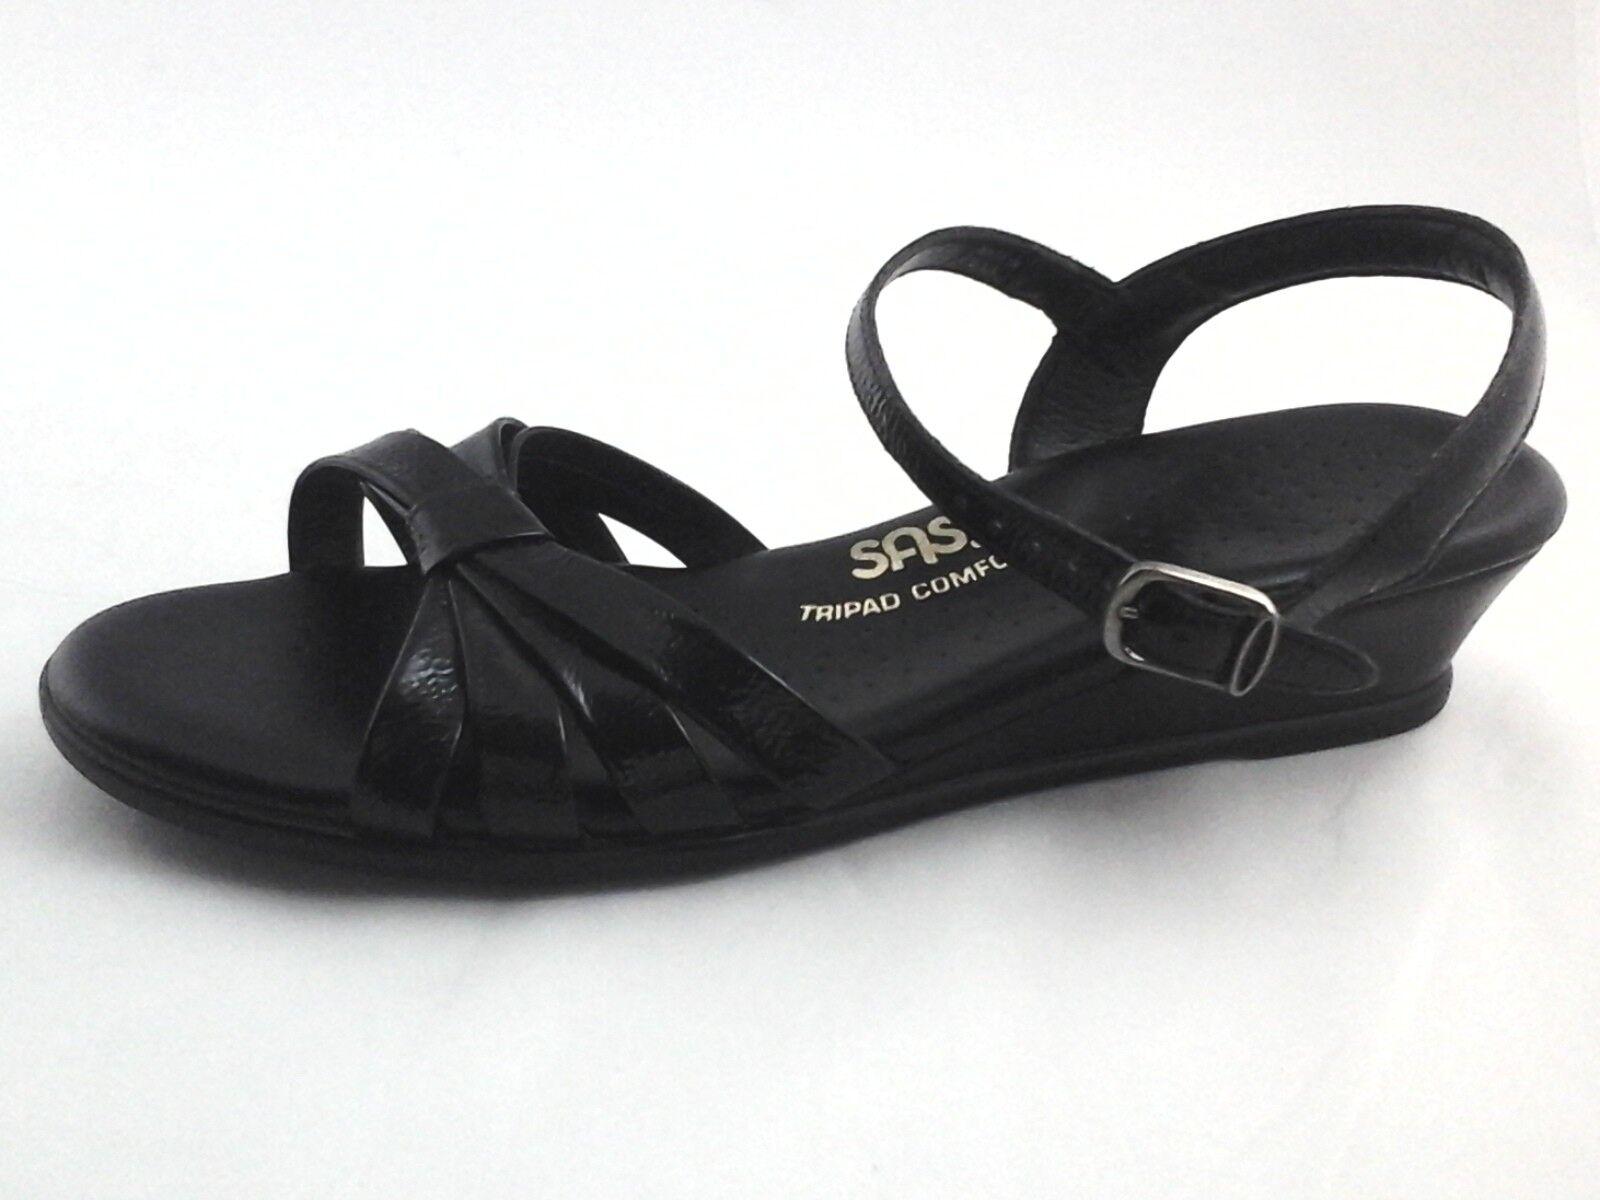 Servicio Aéreo Especial Sandalias Sandalias Sandalias Tripad Comfort Negro Correa De Tobillo Cuña strippy mujer nos 7 n  125  precioso